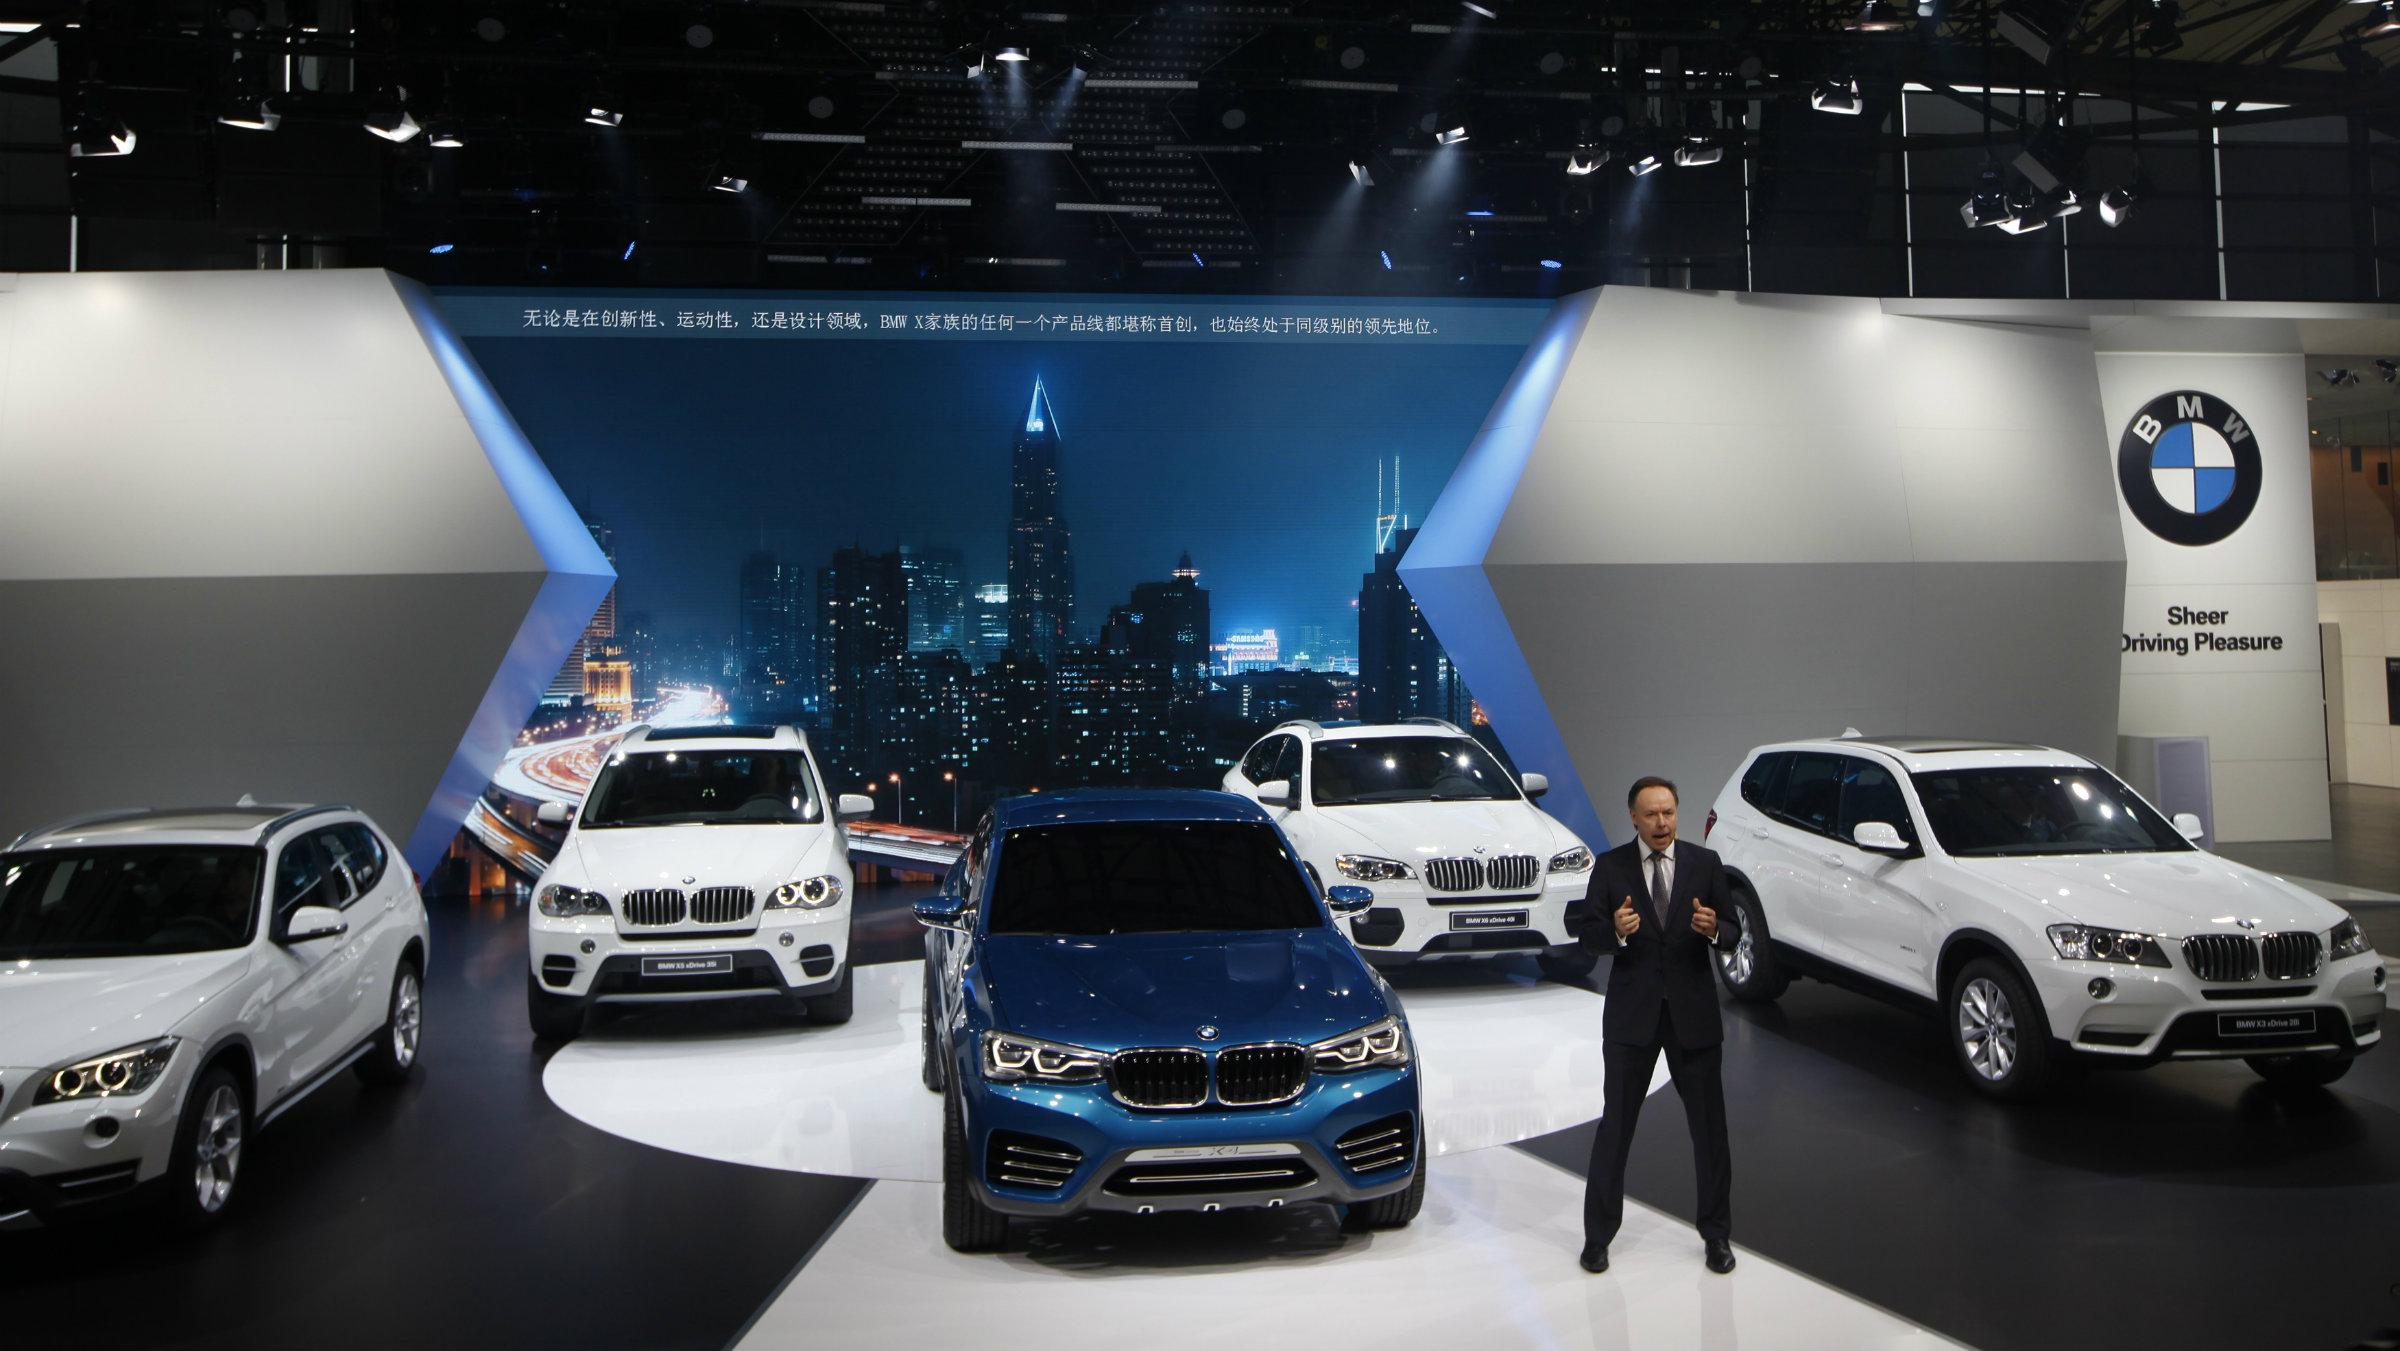 BMW exhibition in Shanghai in 2013.